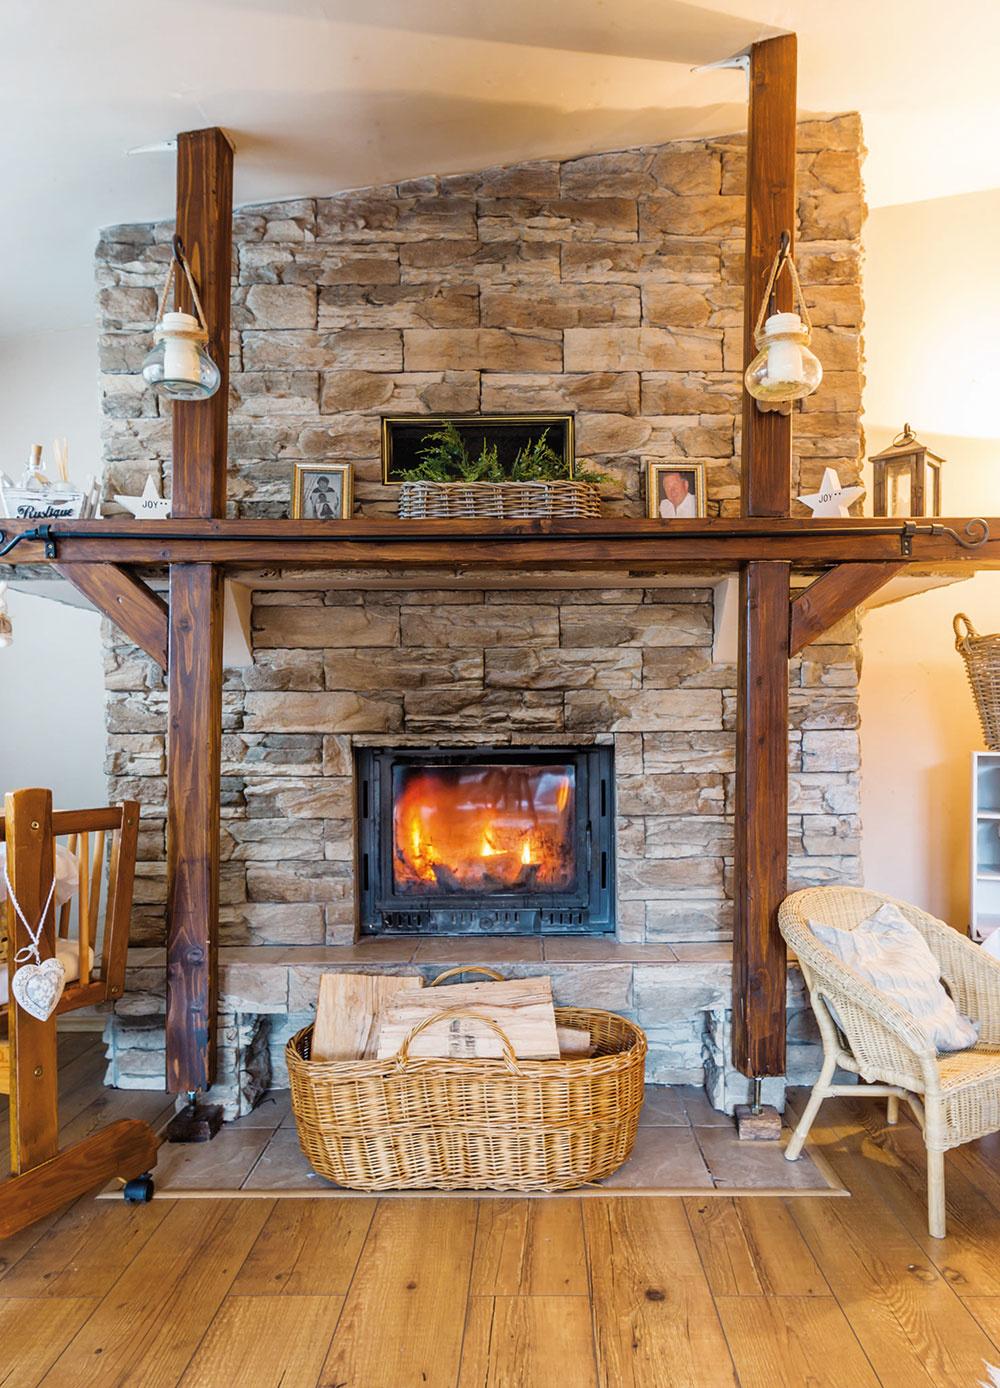 Vkozube horí drevo, blikotajúce svetielka aplamienky sviečok vytvárajú čarovnú atmosféru, domom vanie vôňa čerstvo upečeného koláča, zdrevenej kolísky sa občasne ozve detské mrnčanie…